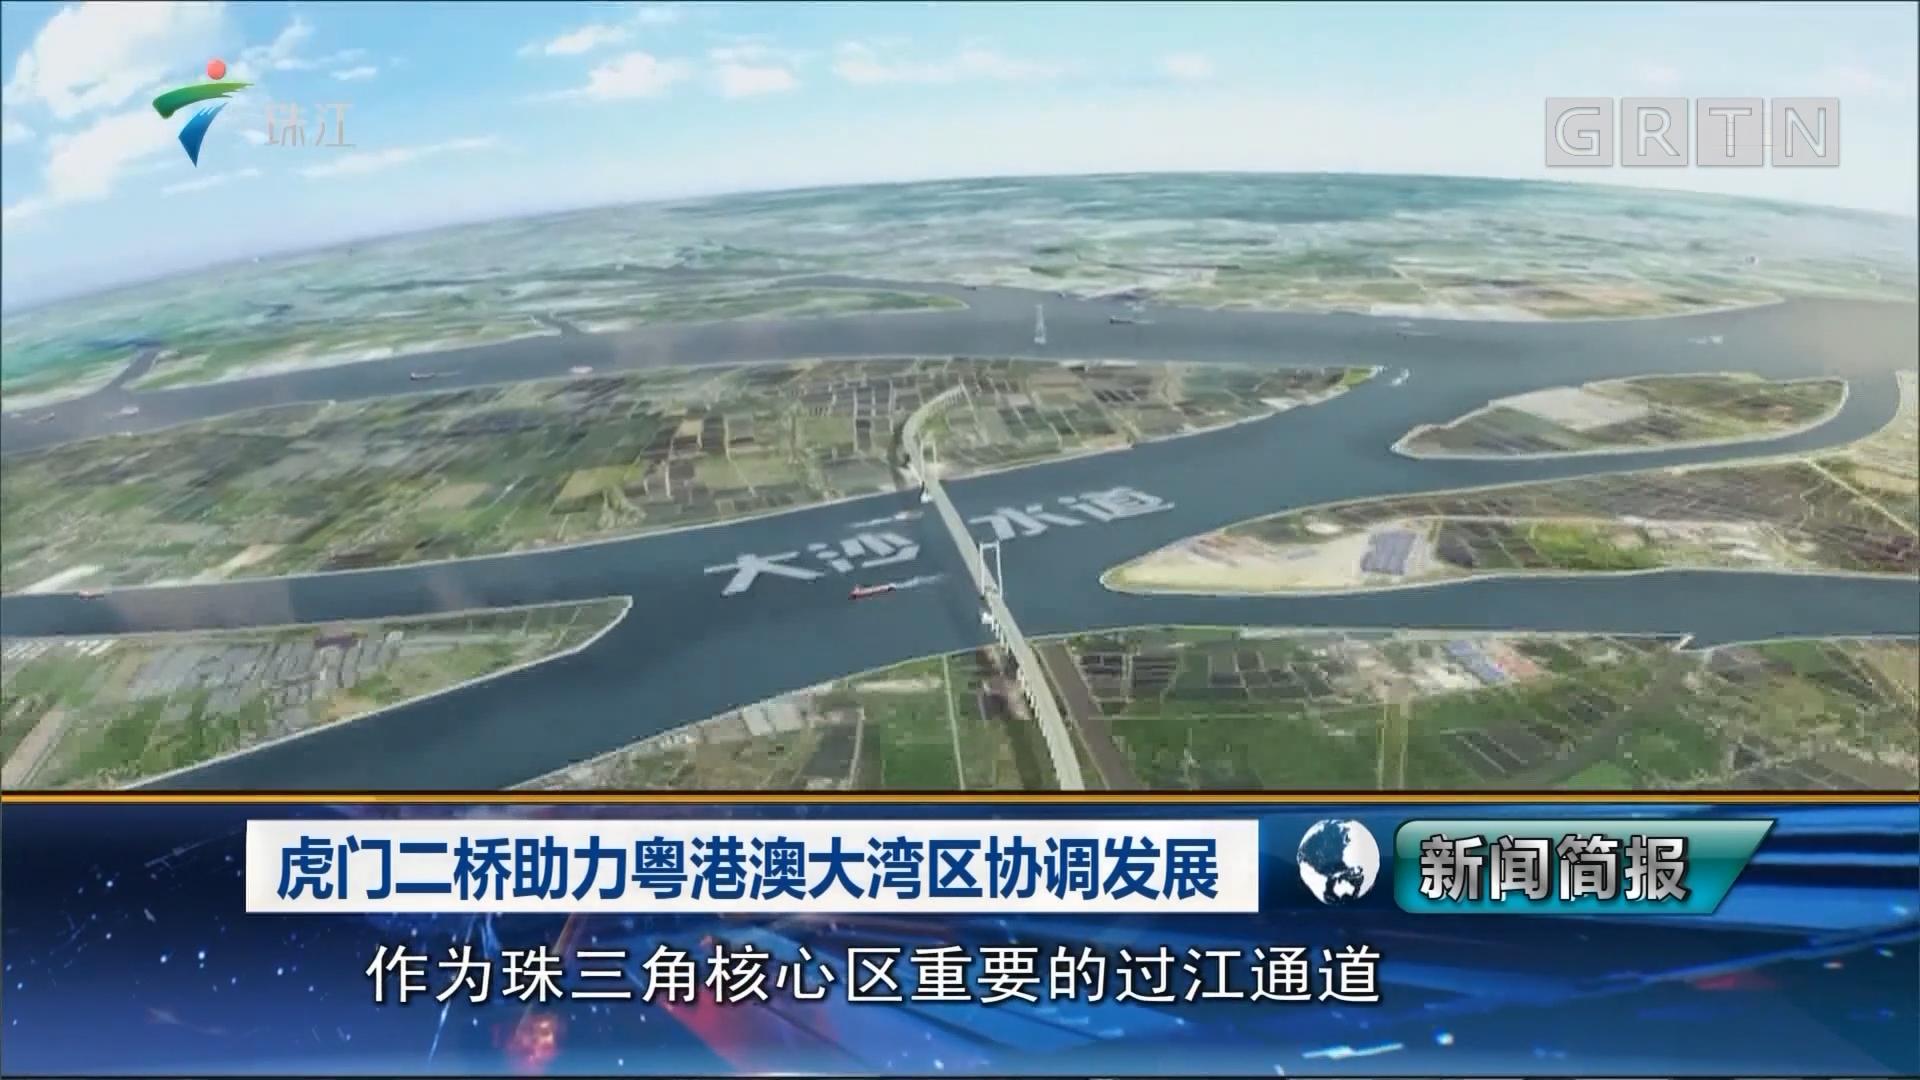 虎门二桥助力粤港澳大湾区协调发展